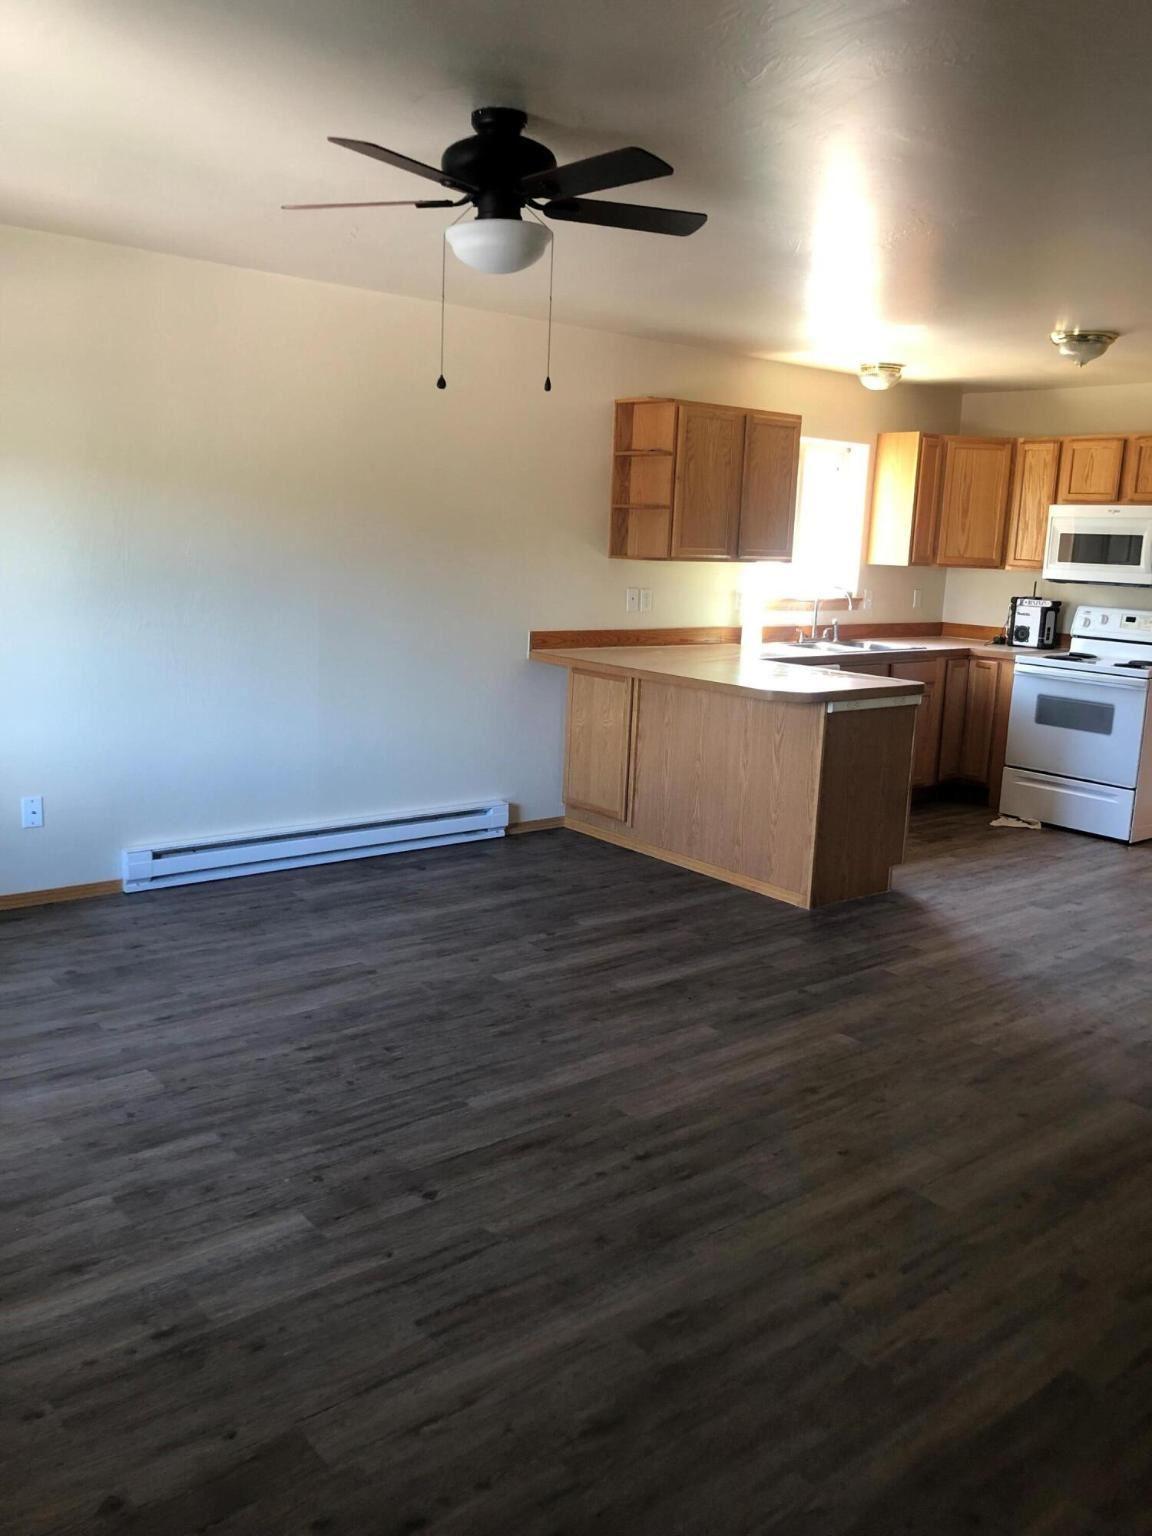 Photo of 113 East Riggs Street, East Helena, MT 59635 (MLS # 22111455)